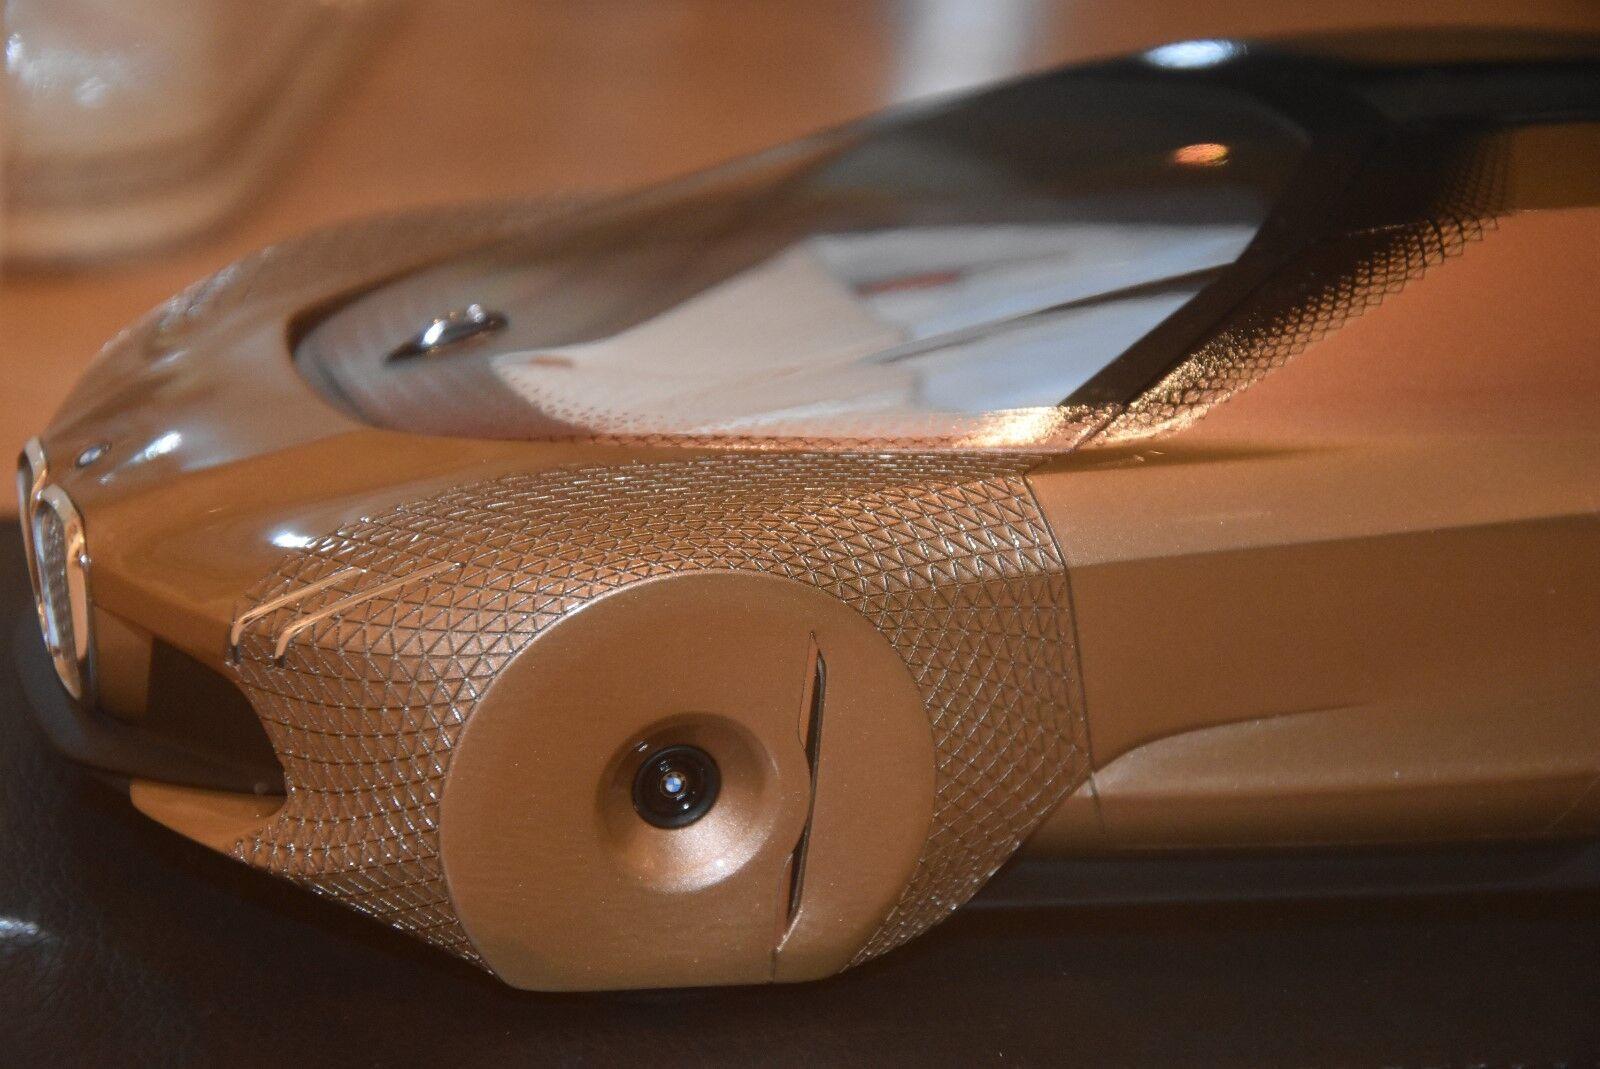 bmw Vision escultura 1 18 (de BBR para BMW) modelo de ensueño, Limited 500